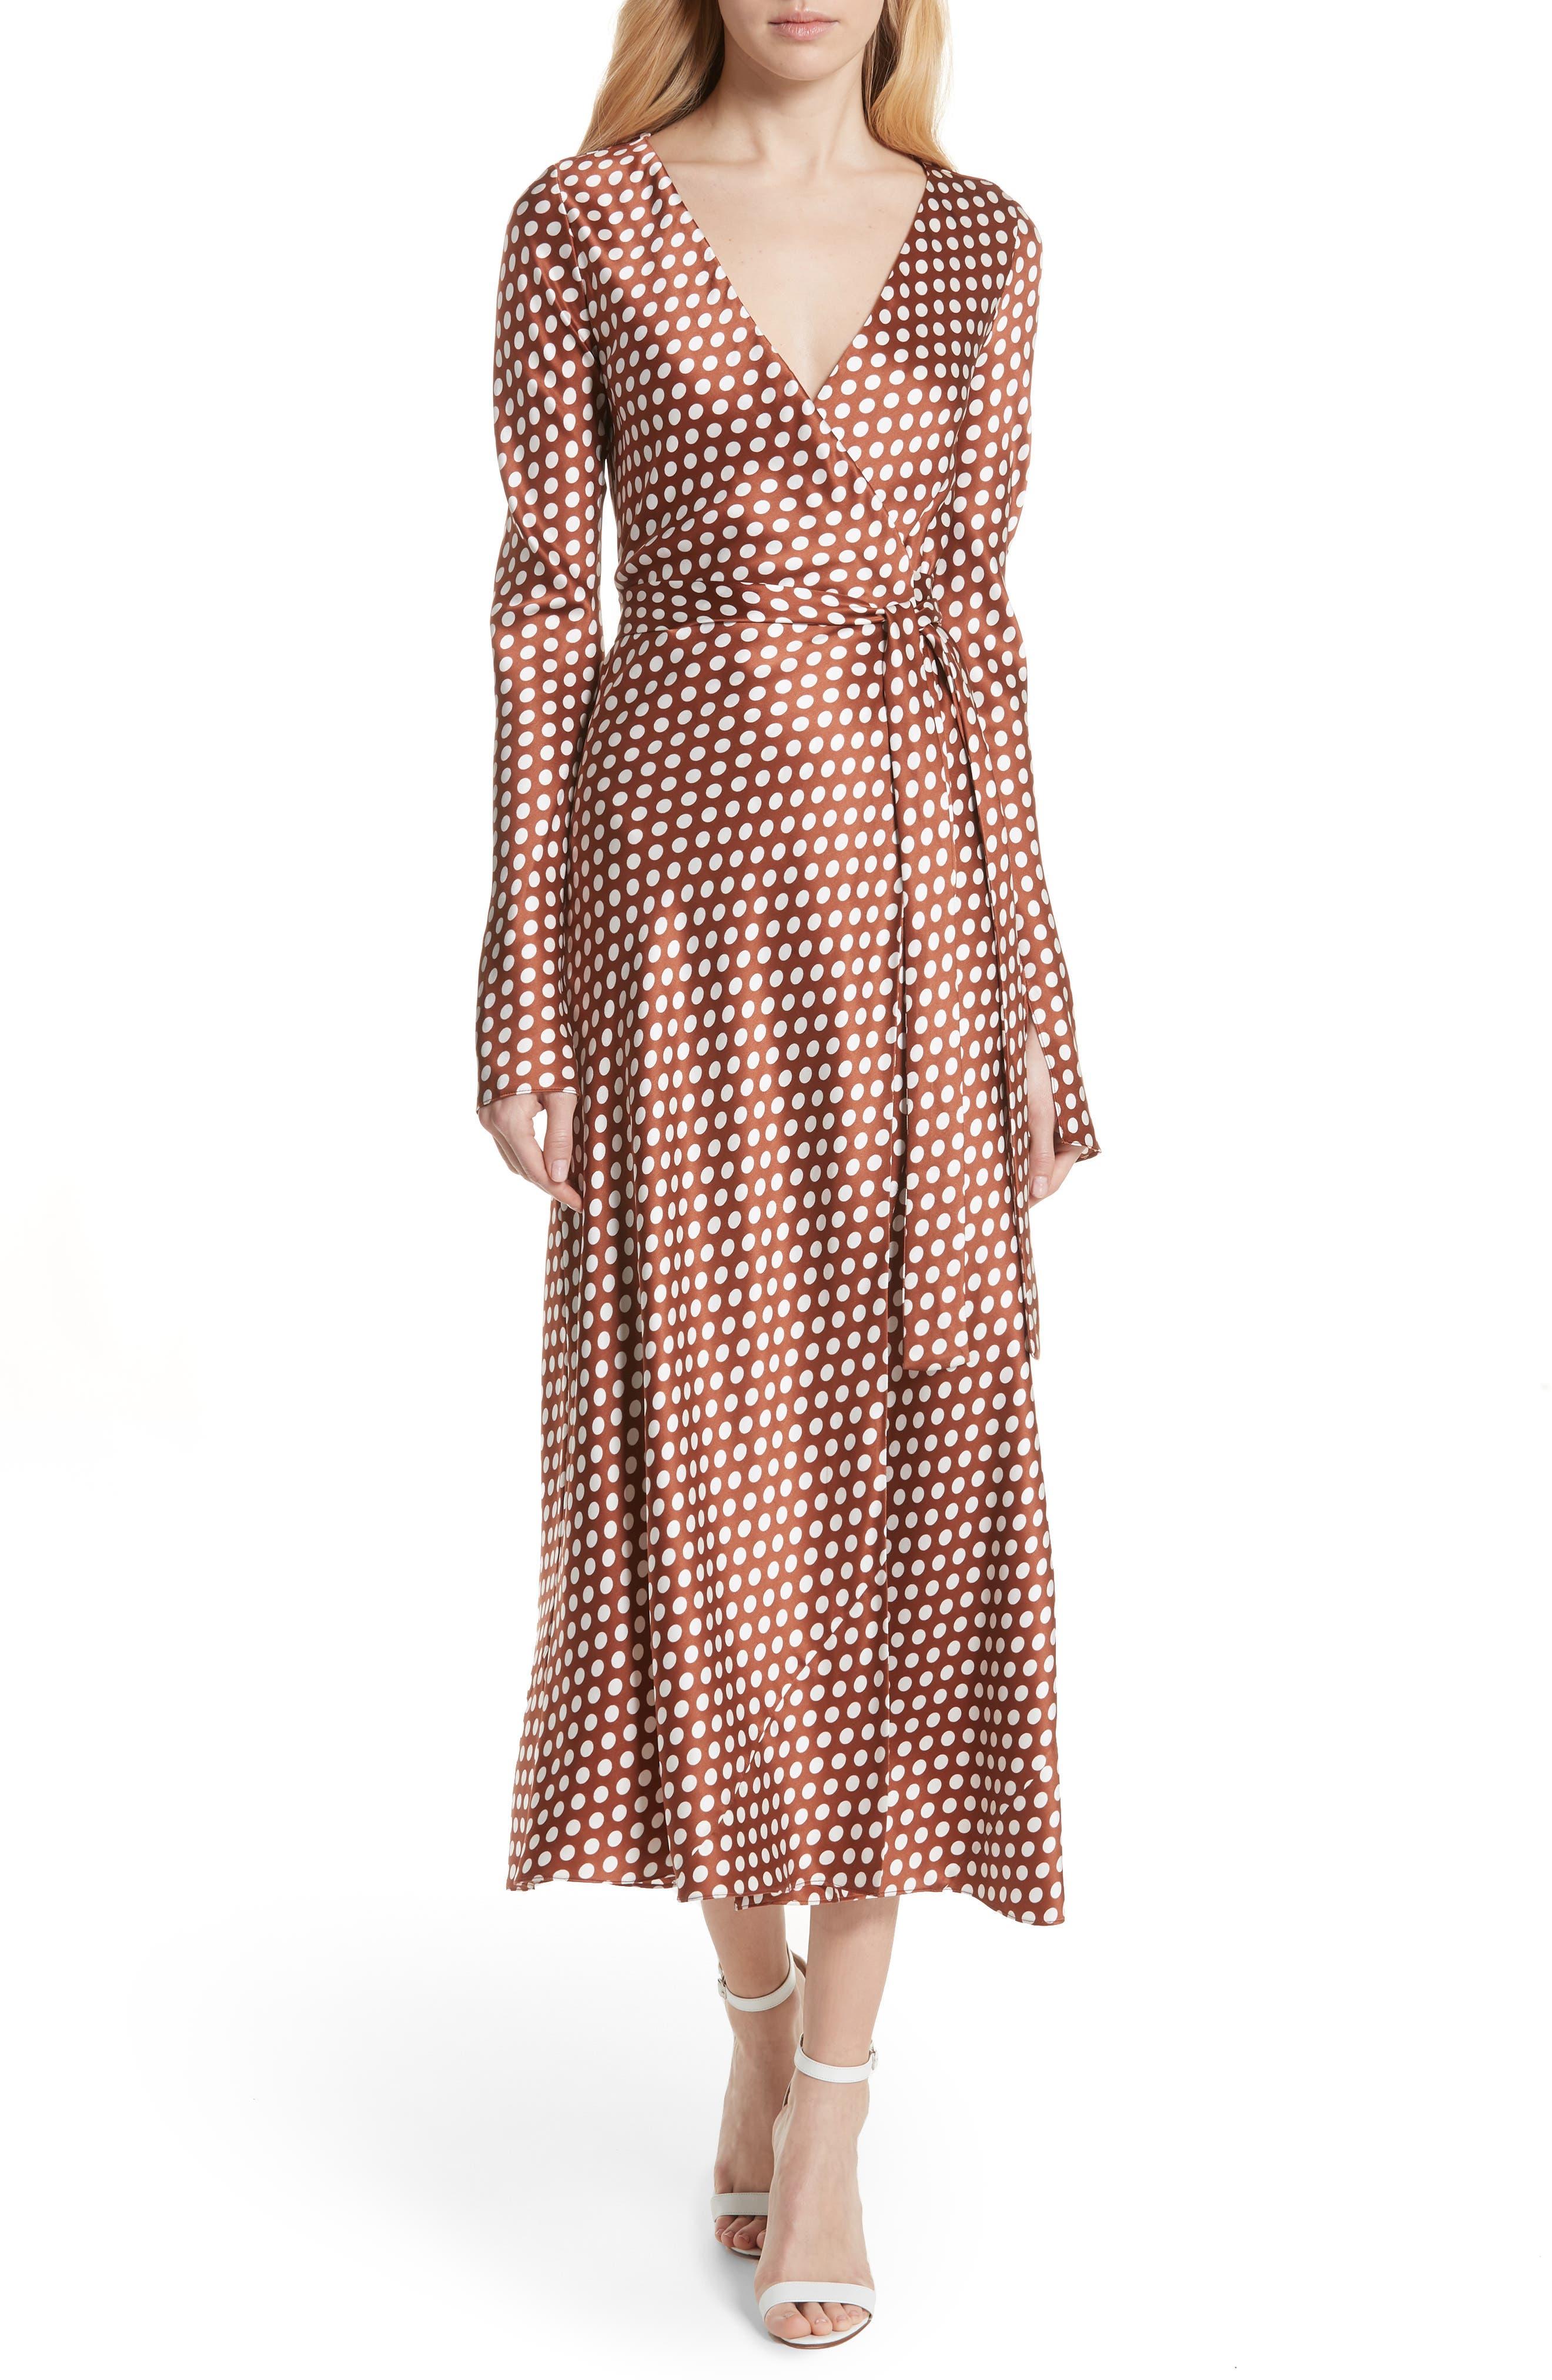 Discount Browse Free Shipping Many Kinds Of Diane Von Furstenberg Woman Asymmetric Printed Silk-twill Top Azure Size S Diane Von Fürstenberg Finishline Online Outlet Hot Sale Fake Online jgP3XMm0QO